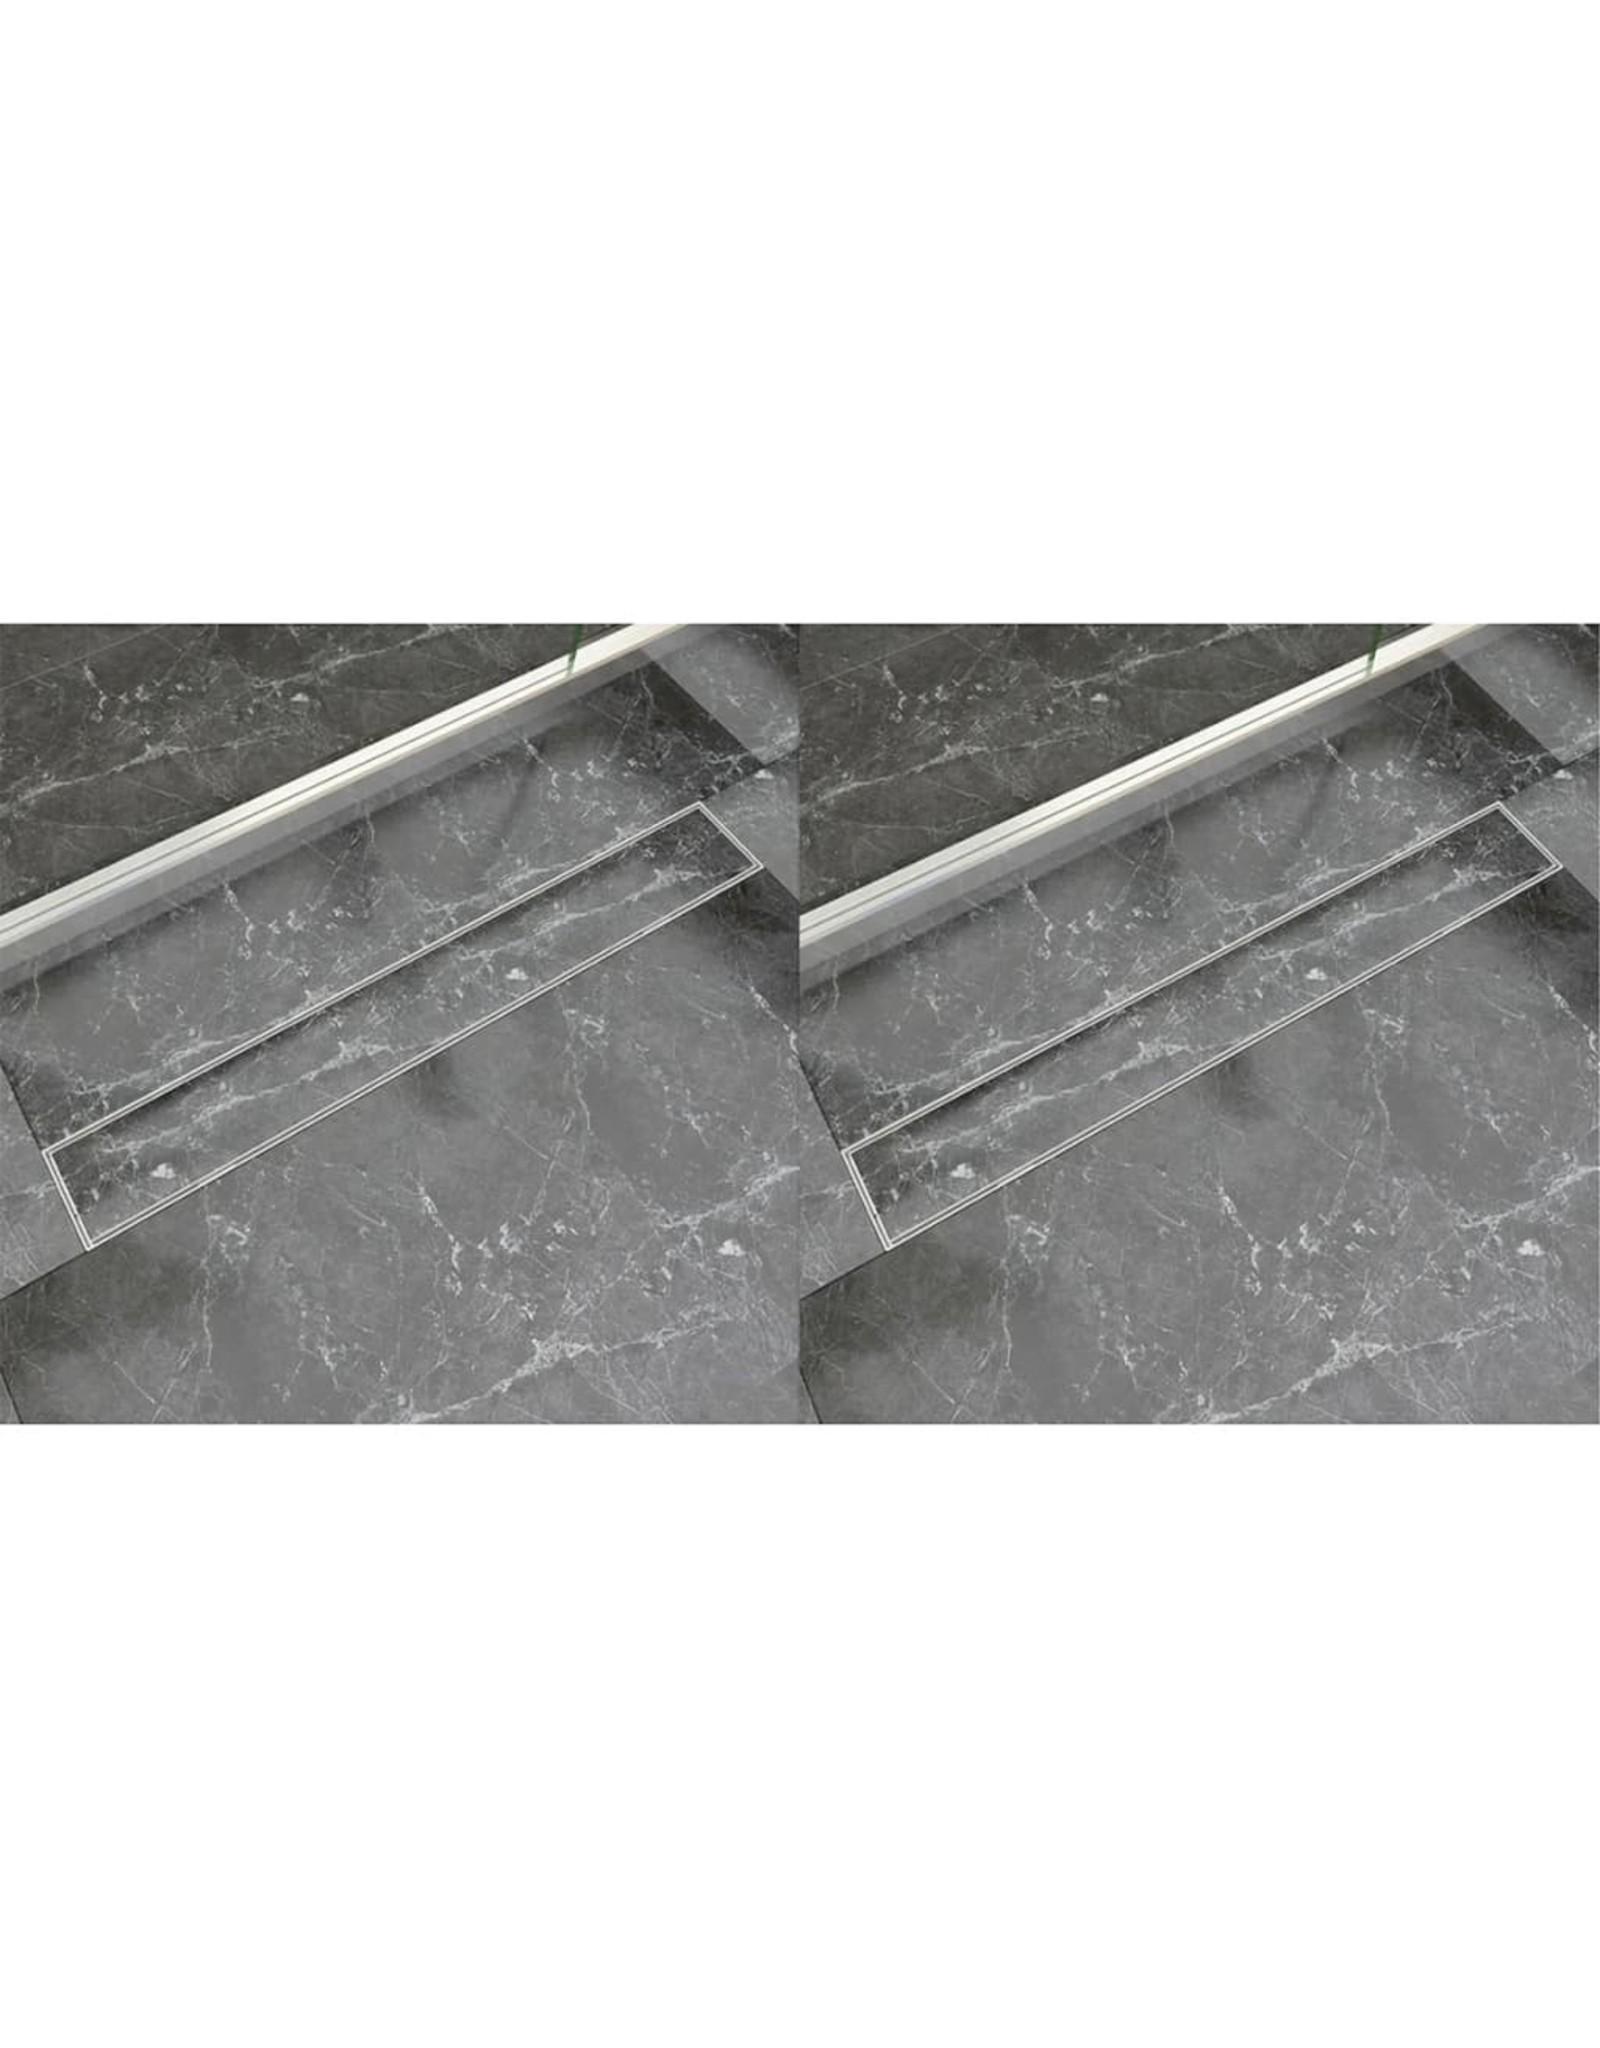 Doucheafvoer 2 st rechthoekig 830x140 mm roestvrij staal